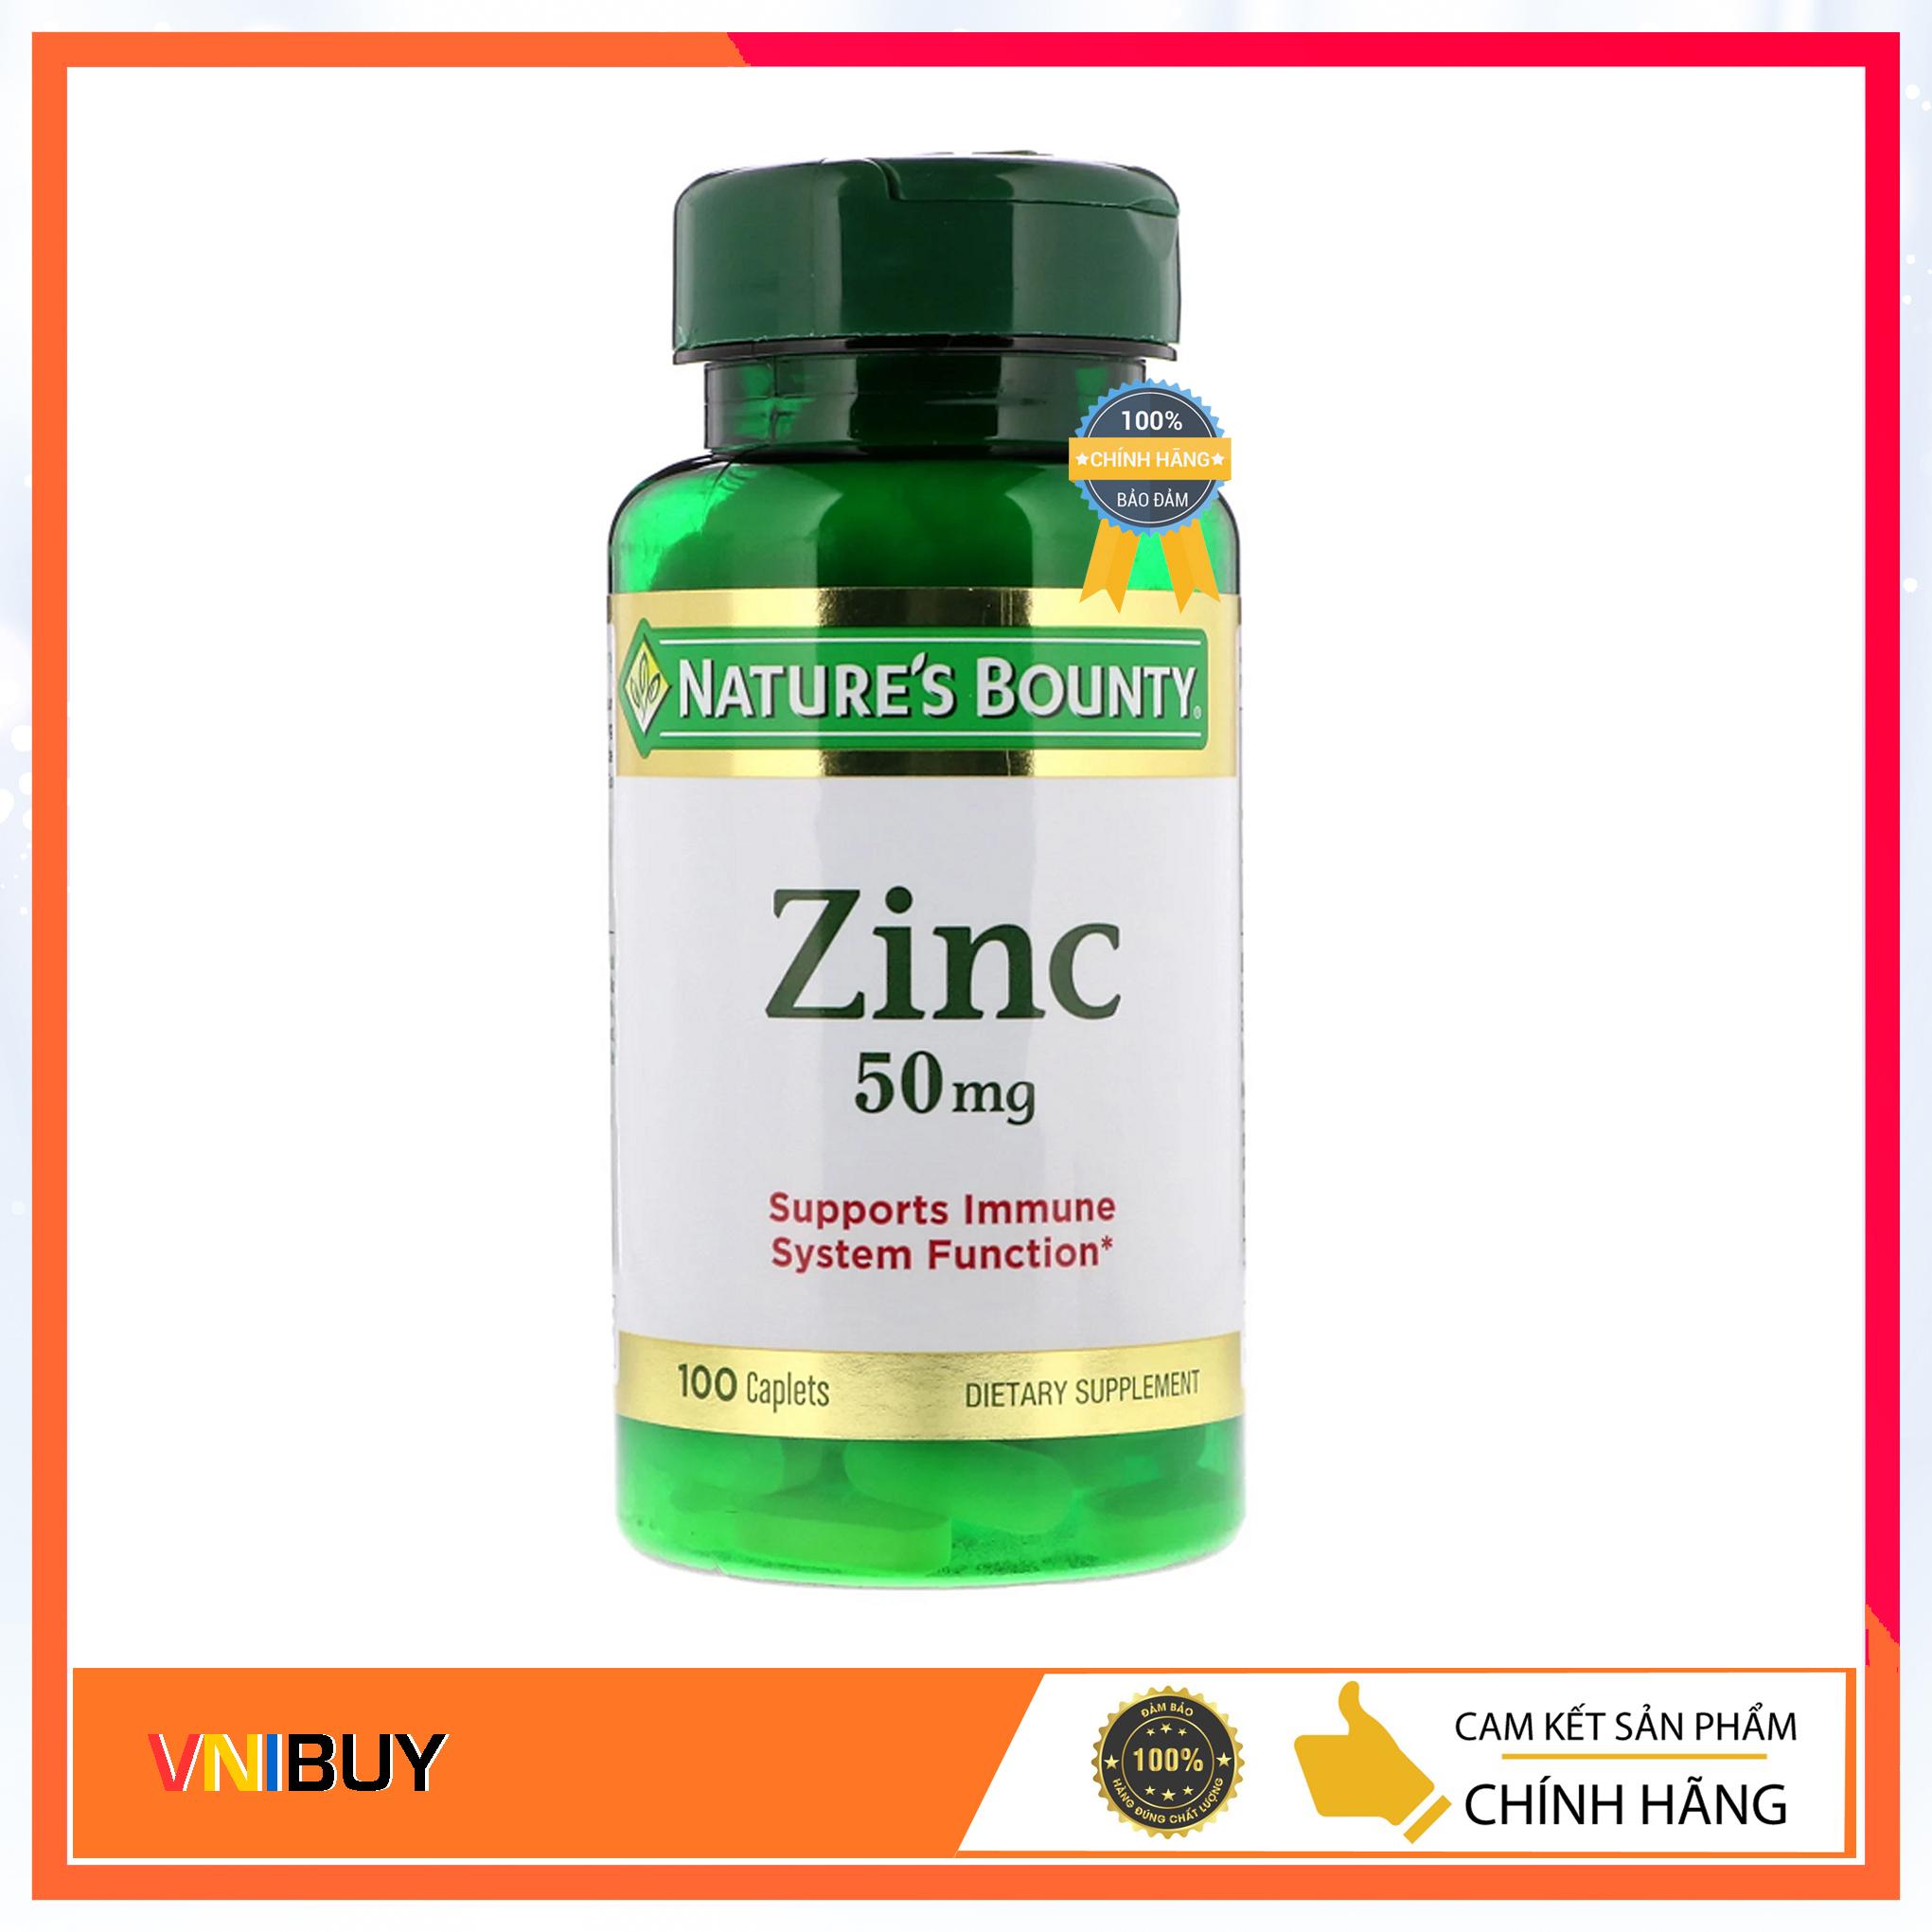 Viên uống bổ sung kẽm Nature's Bounty Zinc 50mg 100 viên của Mỹ - VNIBUY